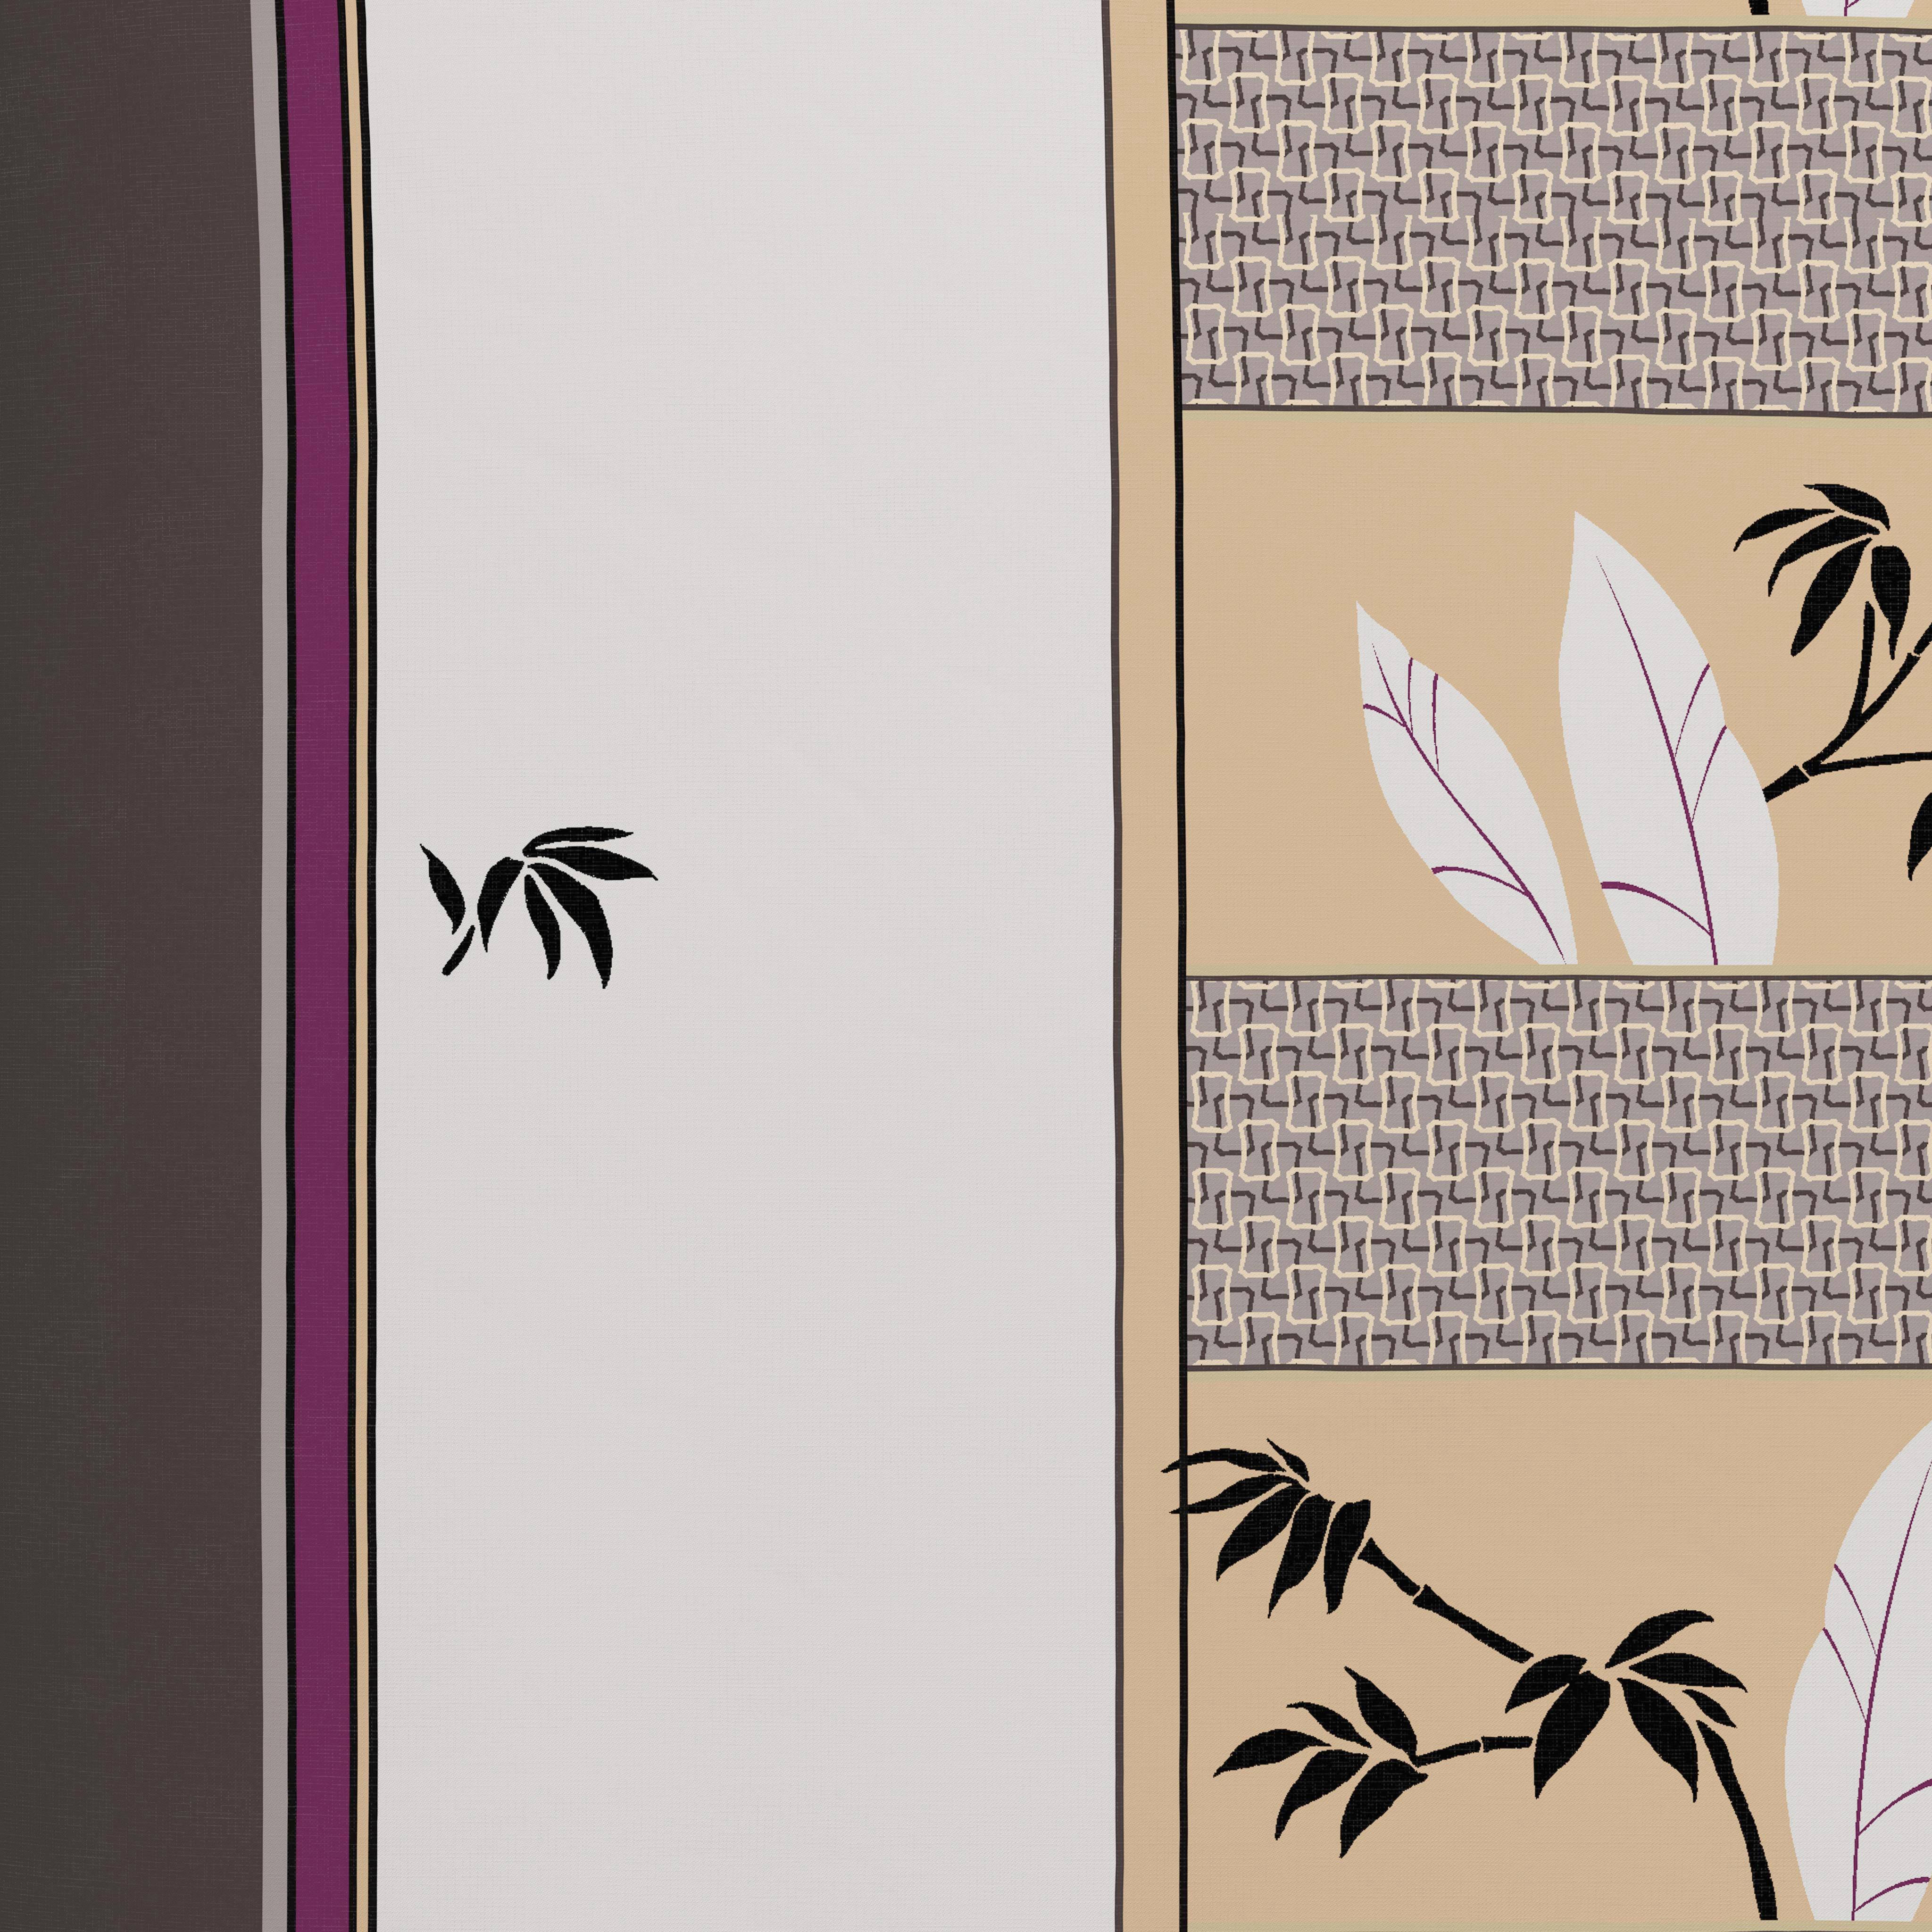 BETTWÄSCHE 140/200 cm - Silberfarben, Design, Textil (140/200cm) - AMBIENTE